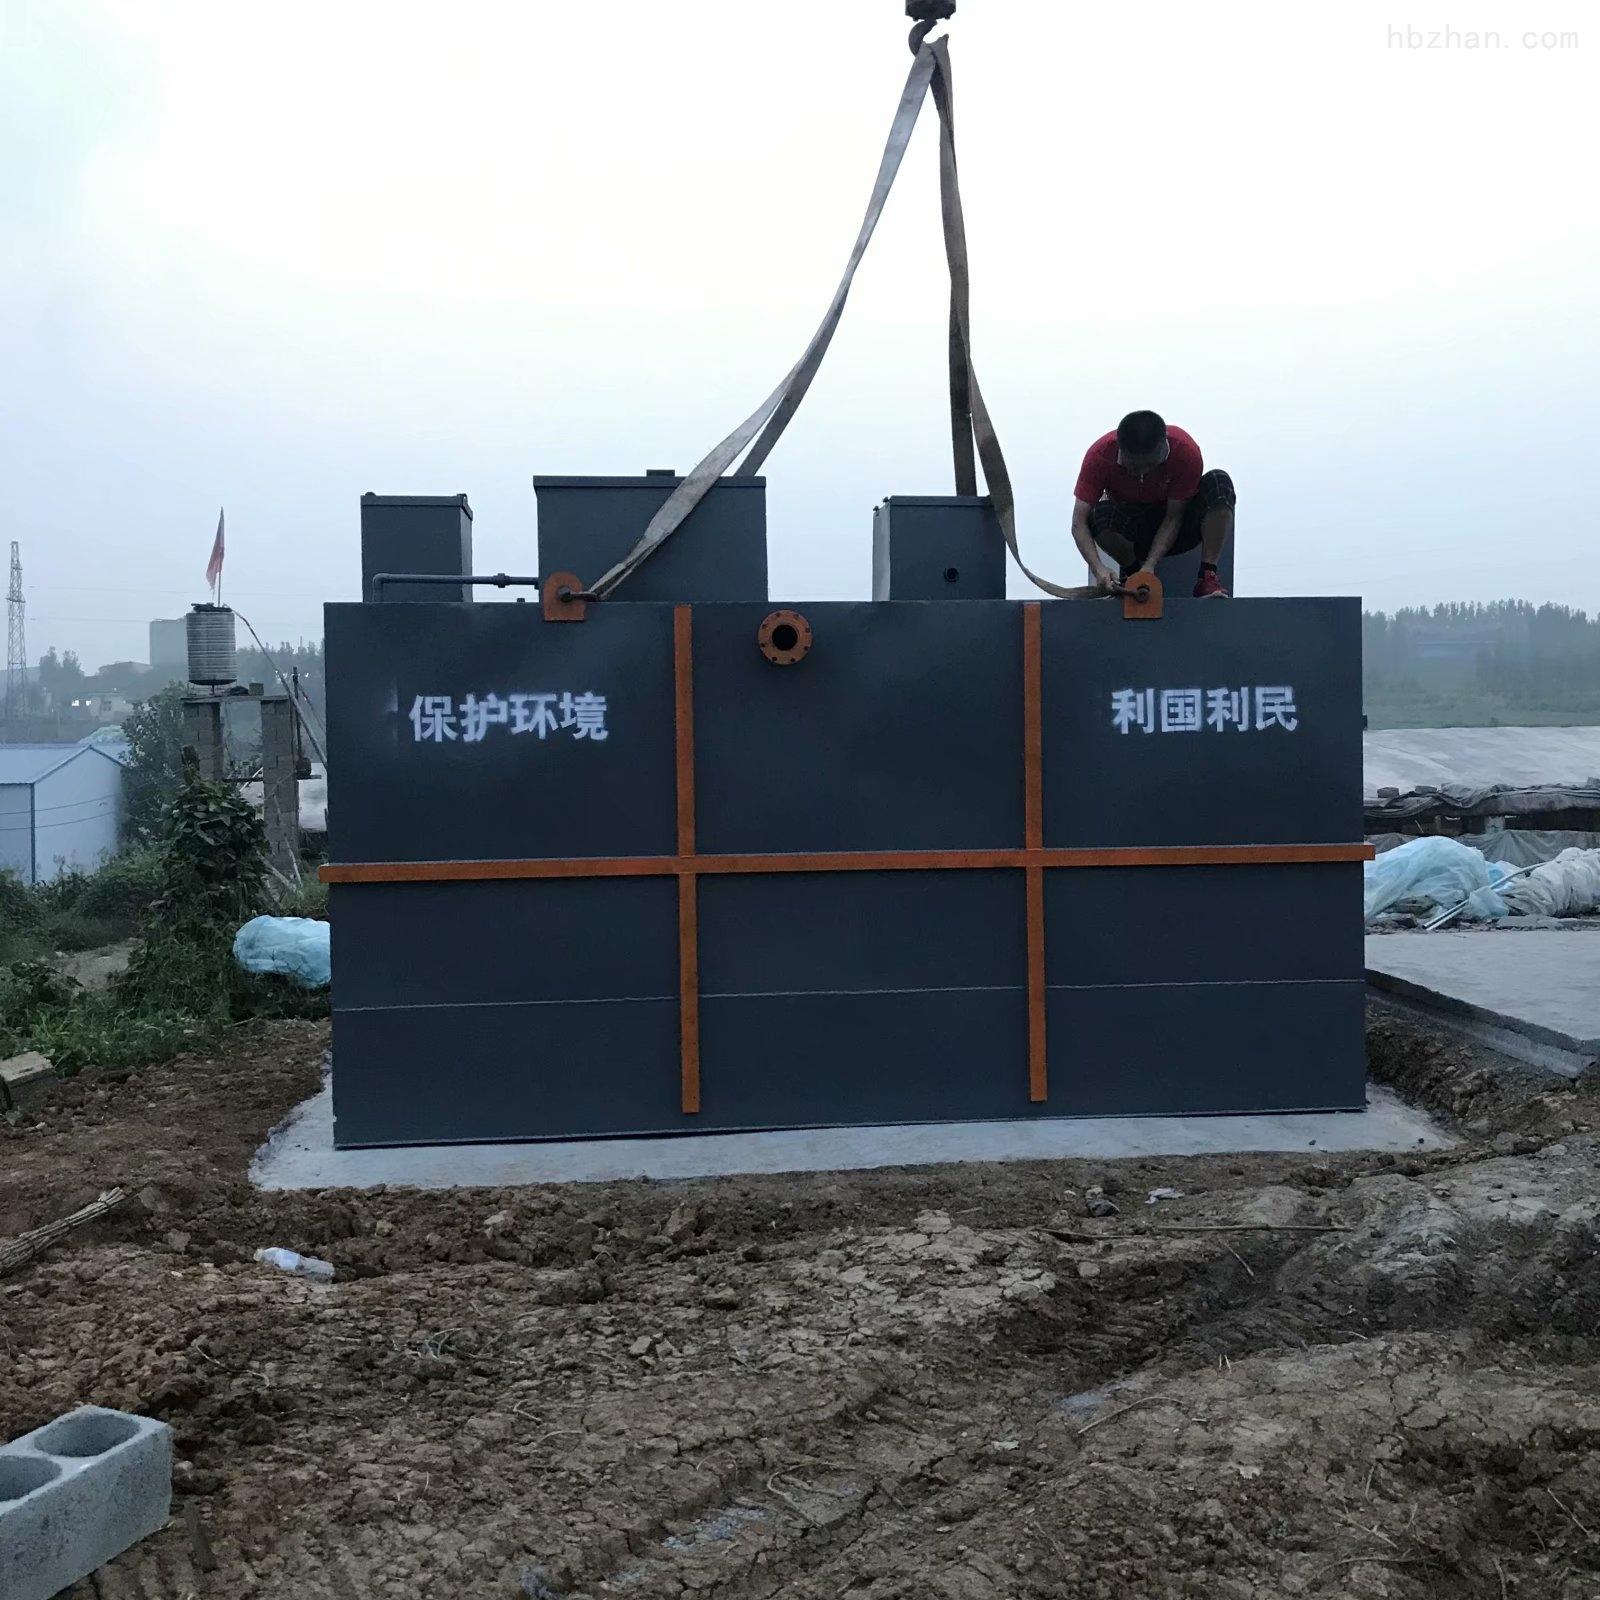 恩施农村集市公厕污水处理设施